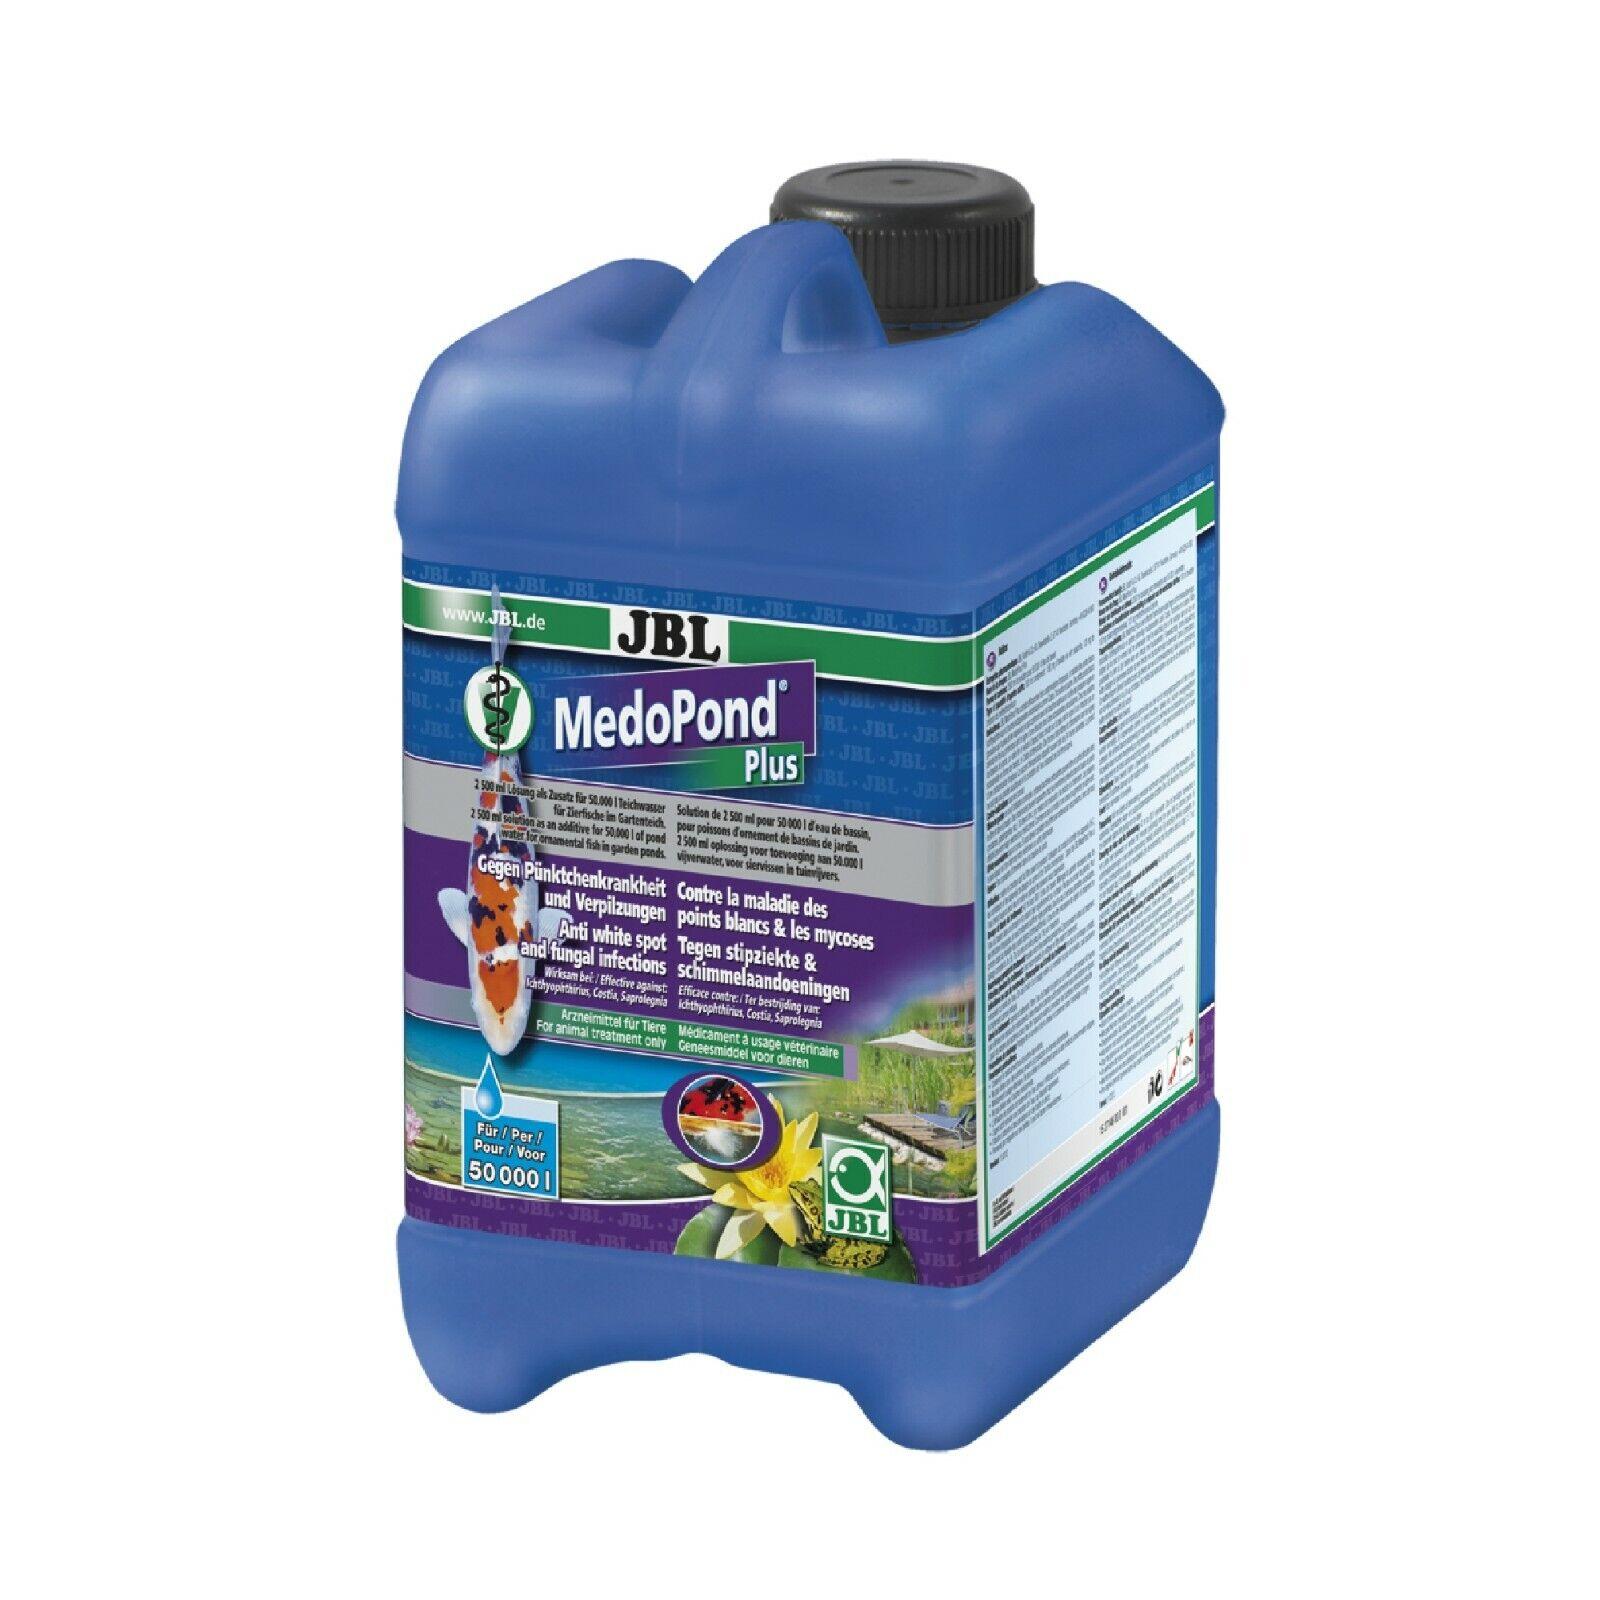 JBL MedoPond Plus 5 l für 100 m³ gegen Infektionskrankheiten Teich 24Std Vers.